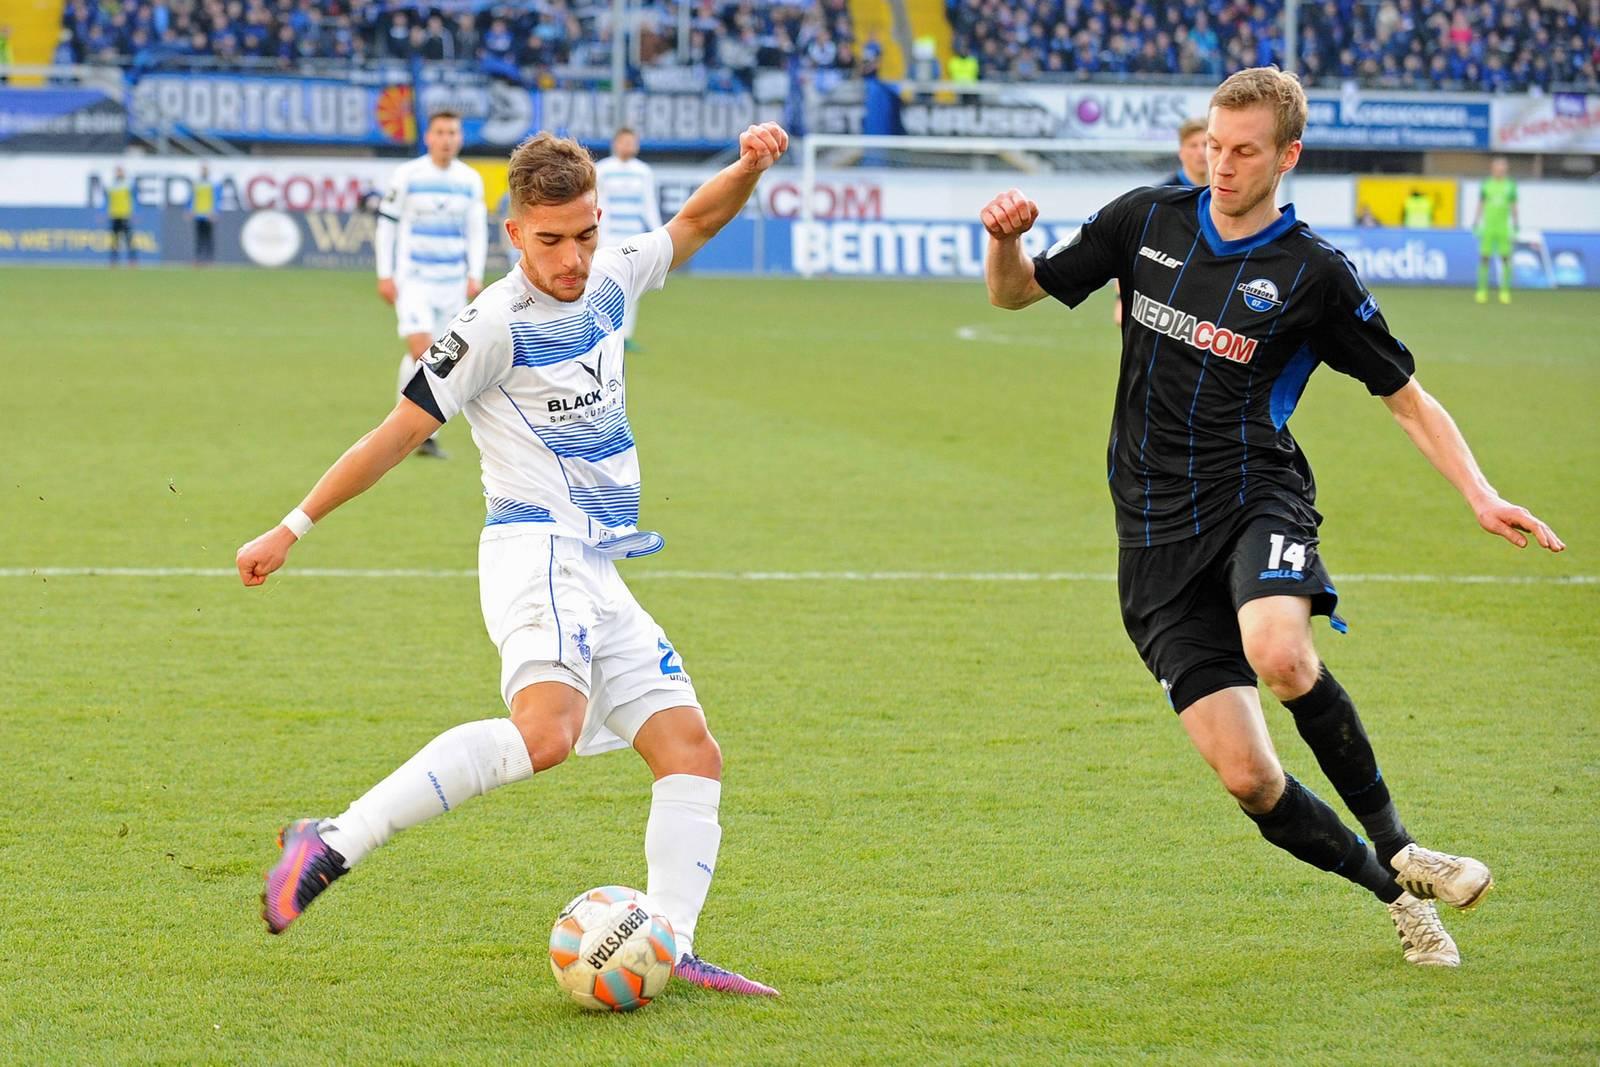 Thomas Bertels versucht die Flanke von Duisburgs Ahmet Engin zu verhindern.